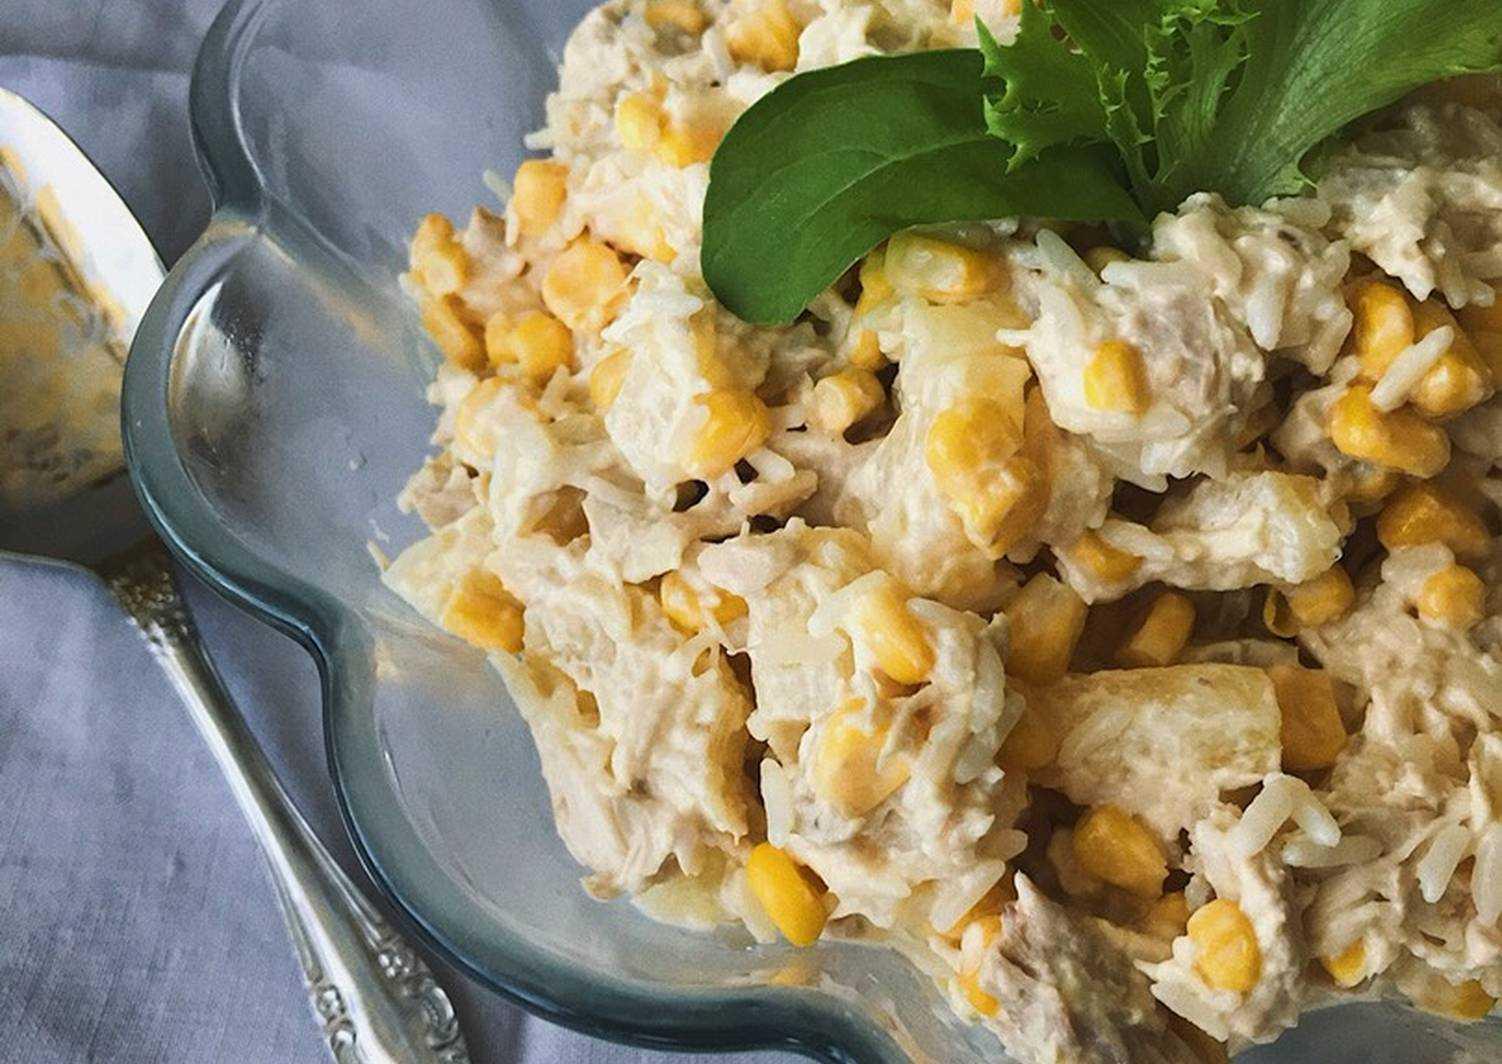 Салат с консервированными ананасами и курицей рецепт с фото пошагово - 1000.menu